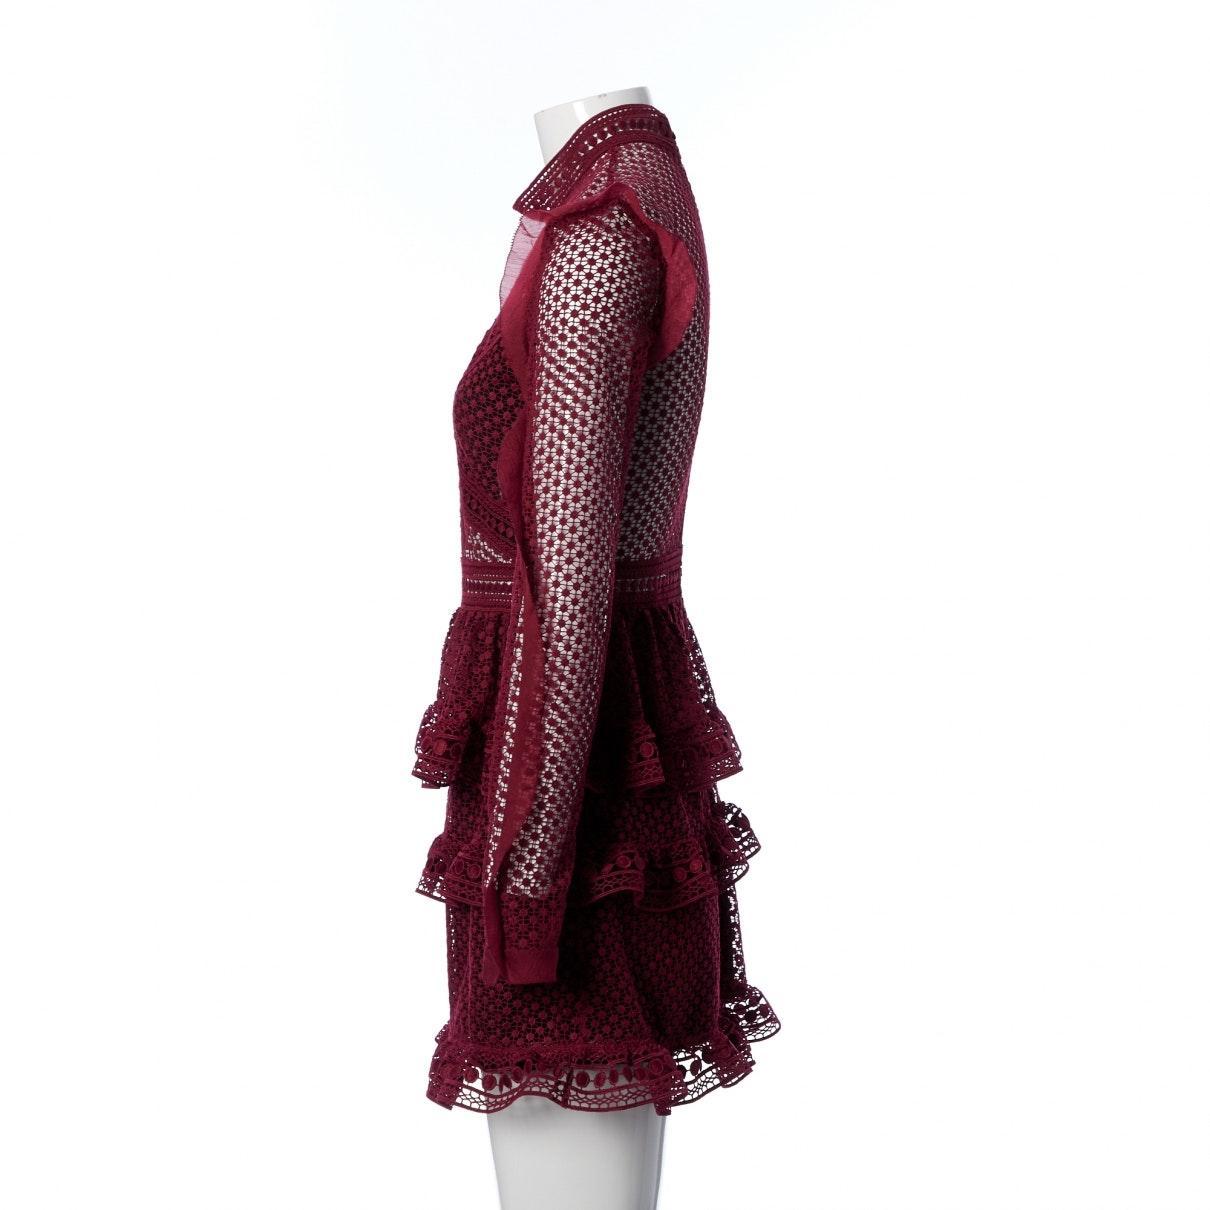 Robe en Polyester Bordeaux Synthétique Self-Portrait en coloris Rouge